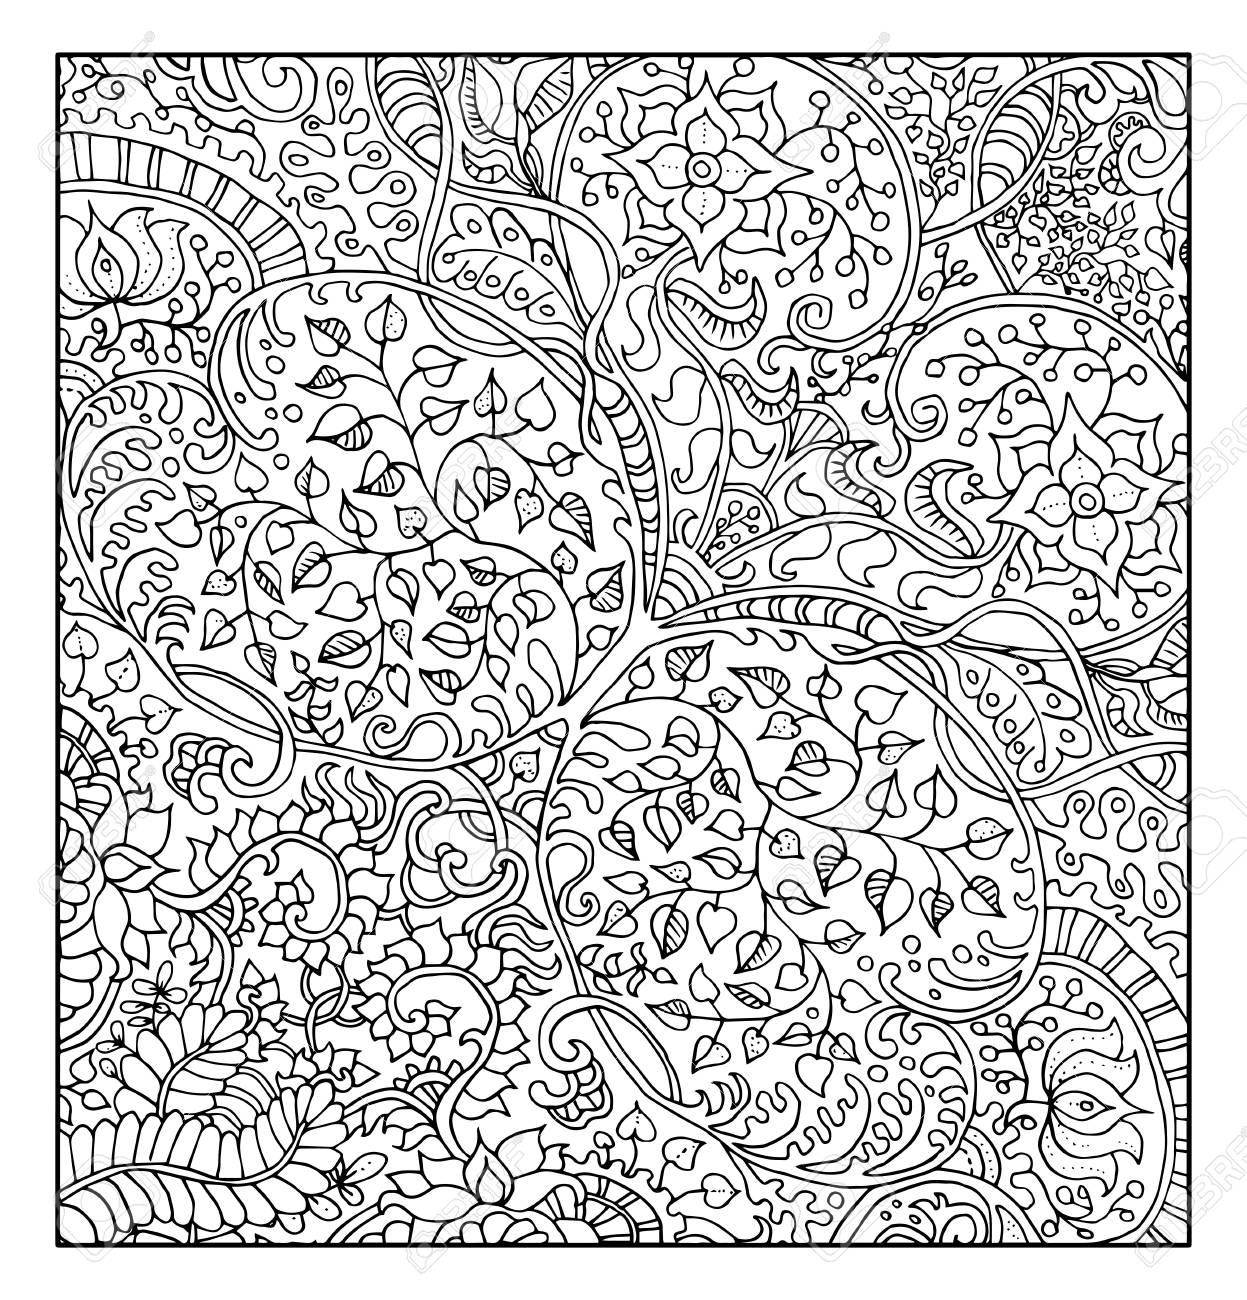 Fond Graphique Fantastique Avec Motif Floral Pour Livre De Coloriage  Adulte. Vector Ornement Cru Éléments. Résumé Tiré Par La Main Doodle  Illustration à Coloriage Graphique